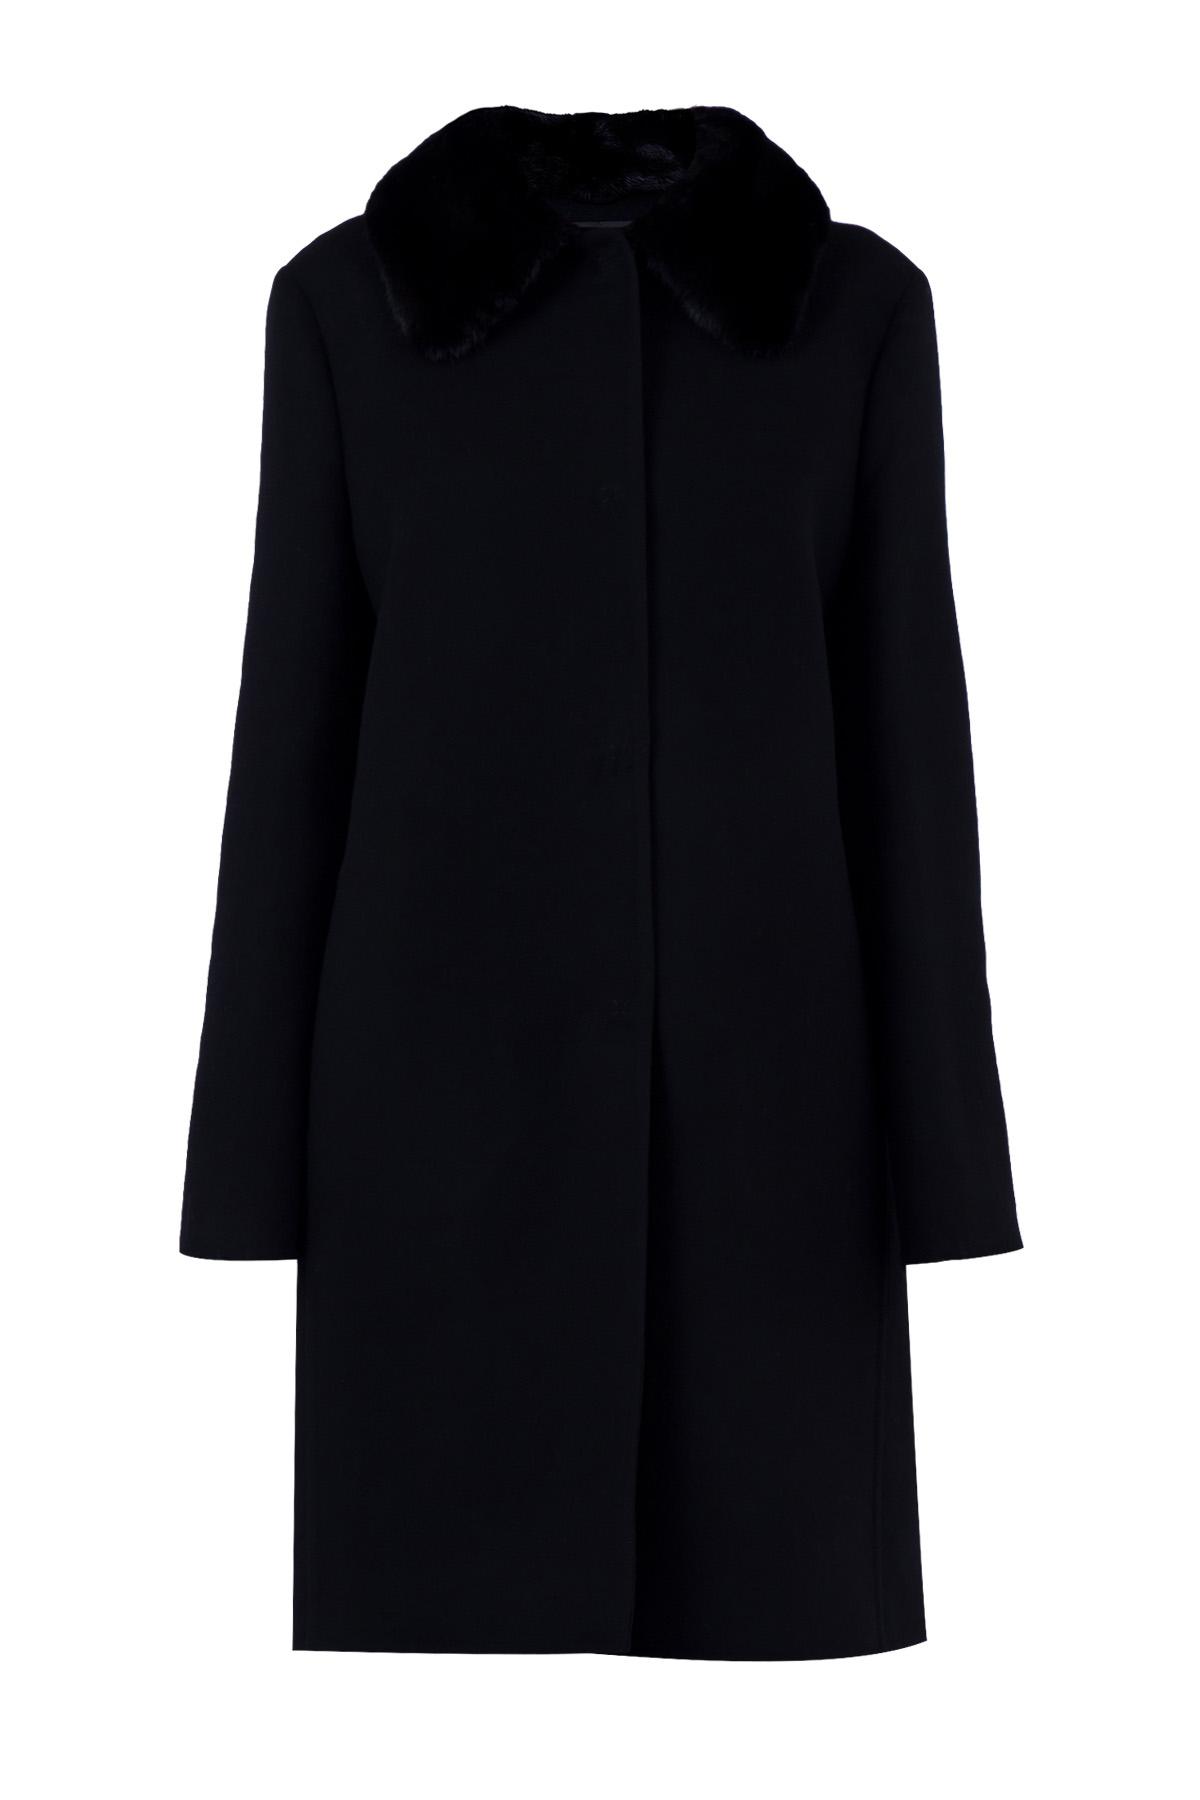 Купить Пальто, ERMANNO SCERVINO, Италия, шерсть 100%, мех норки 100%